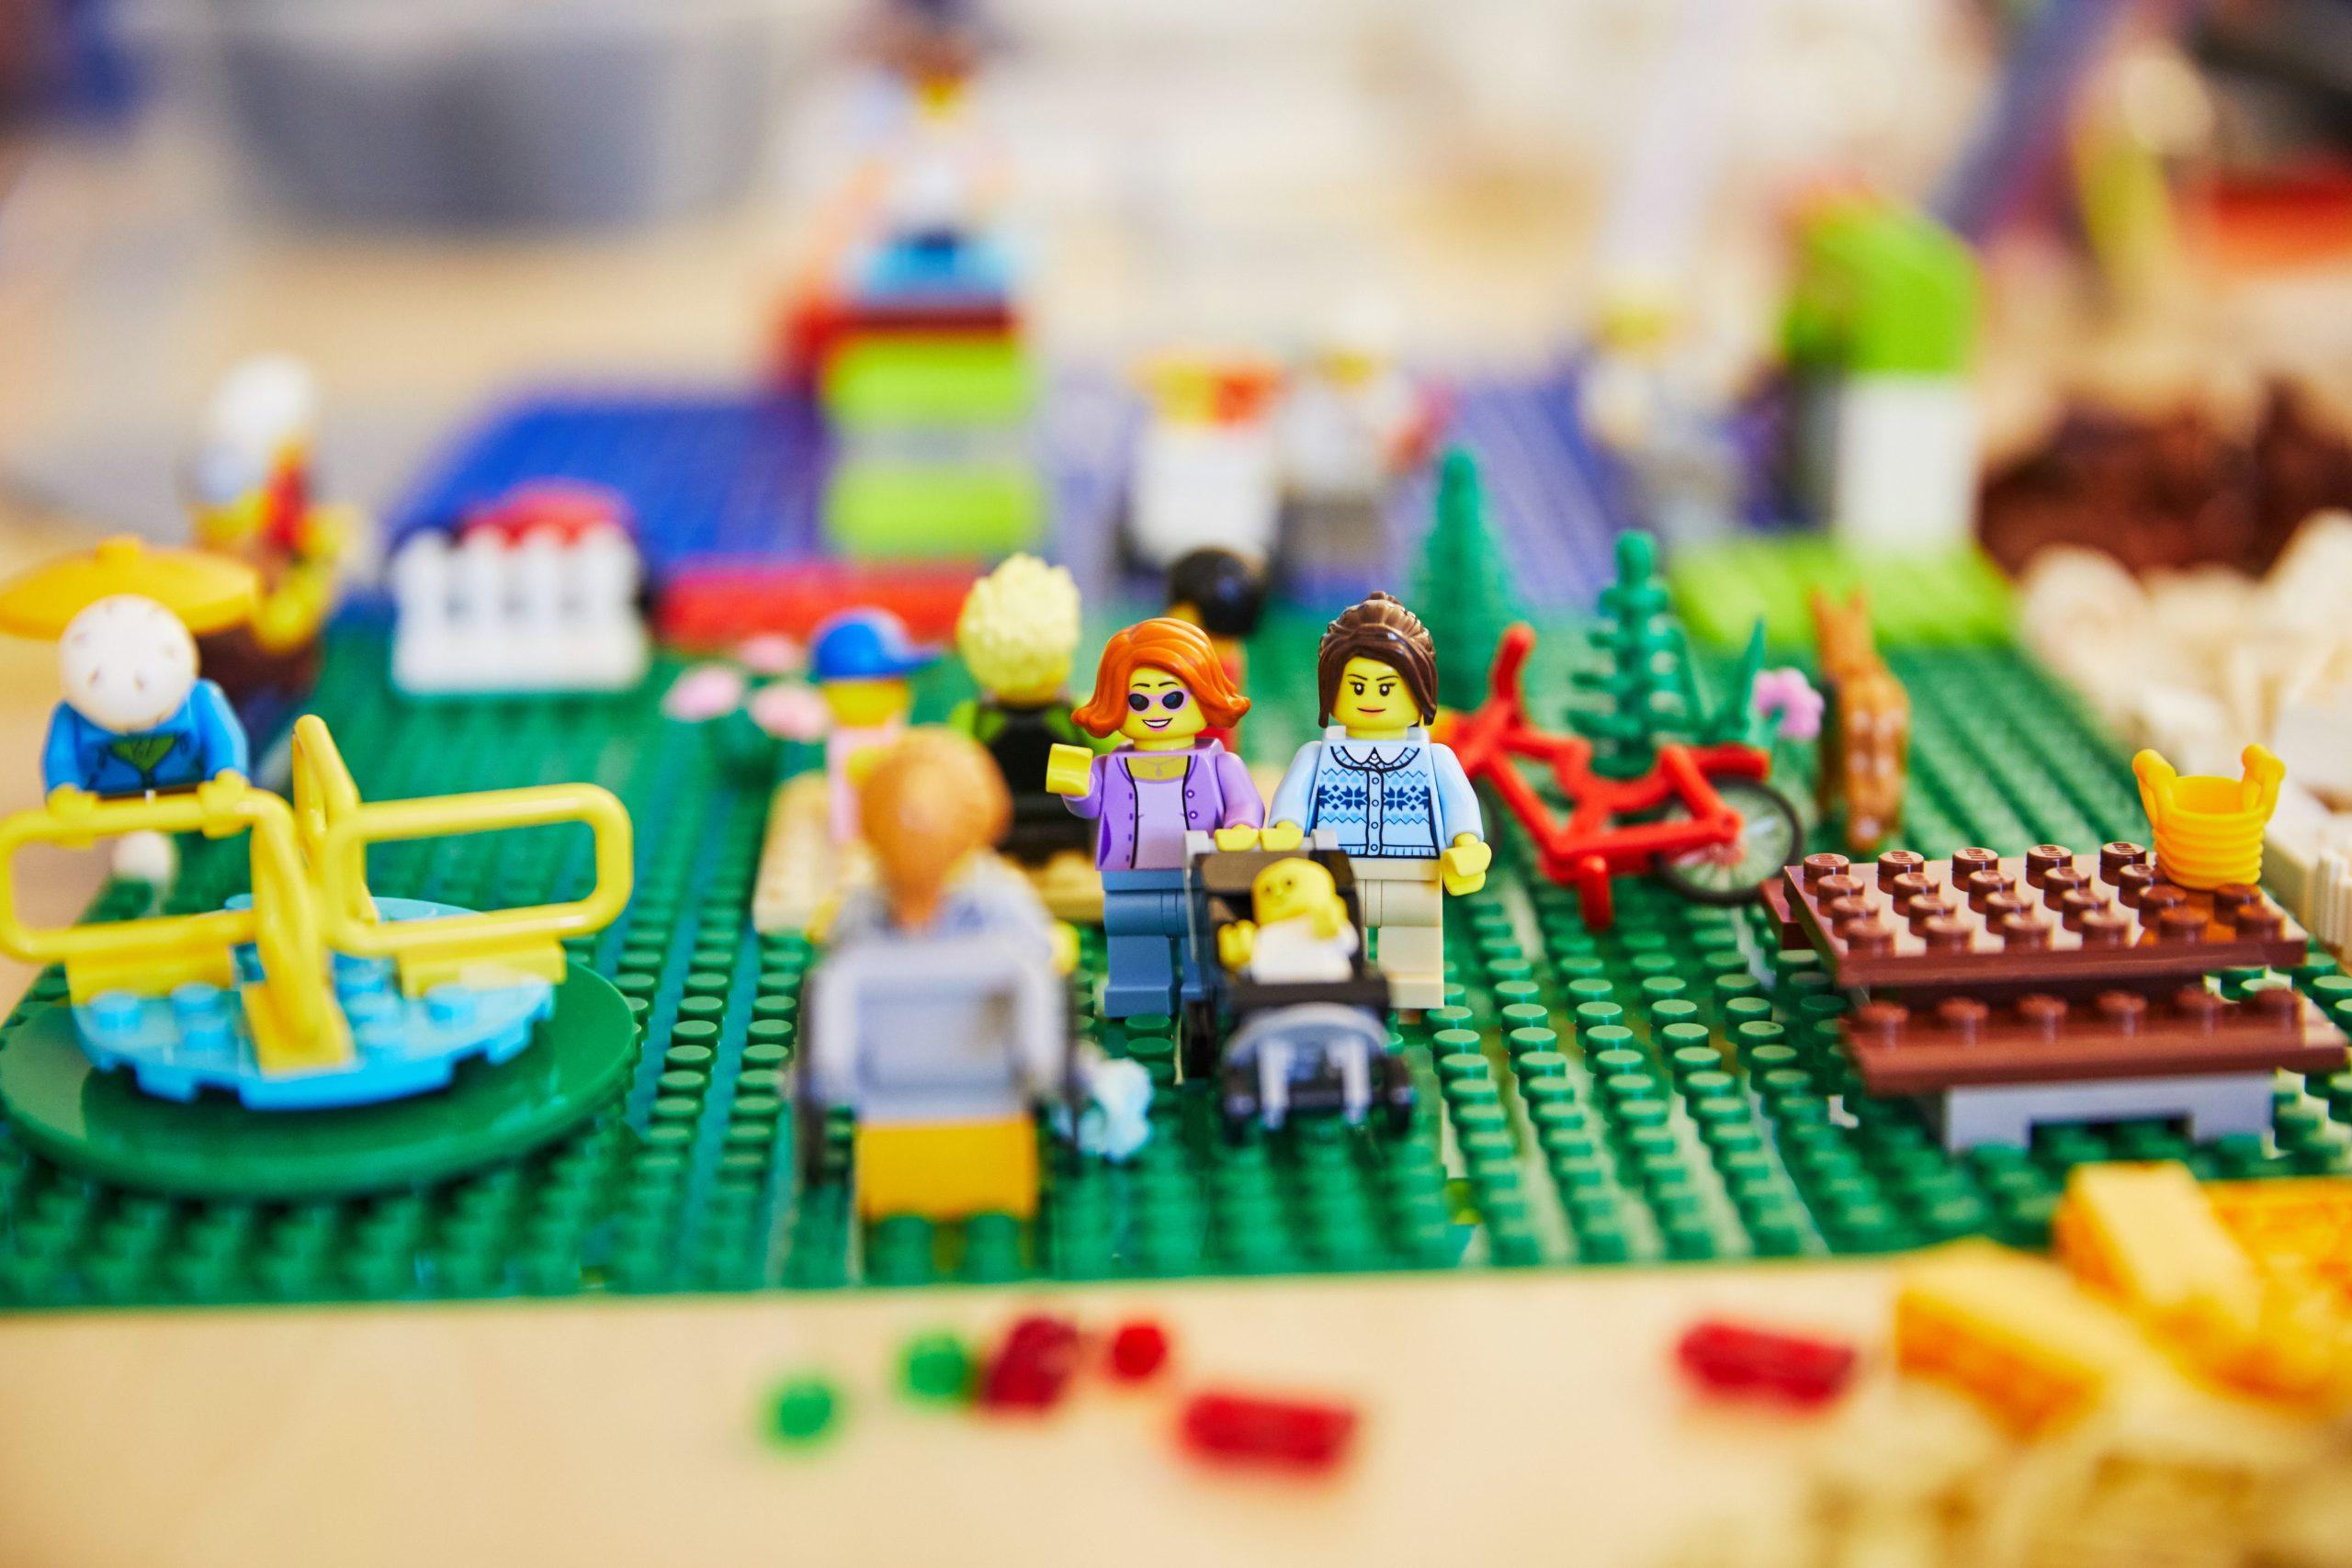 Auf dem Bild sieht man verschiedene bunte Legofiguren. Das Setting ist ein Spielplatz.© Servicestelle Jugendbeteiligung e.V., 2020